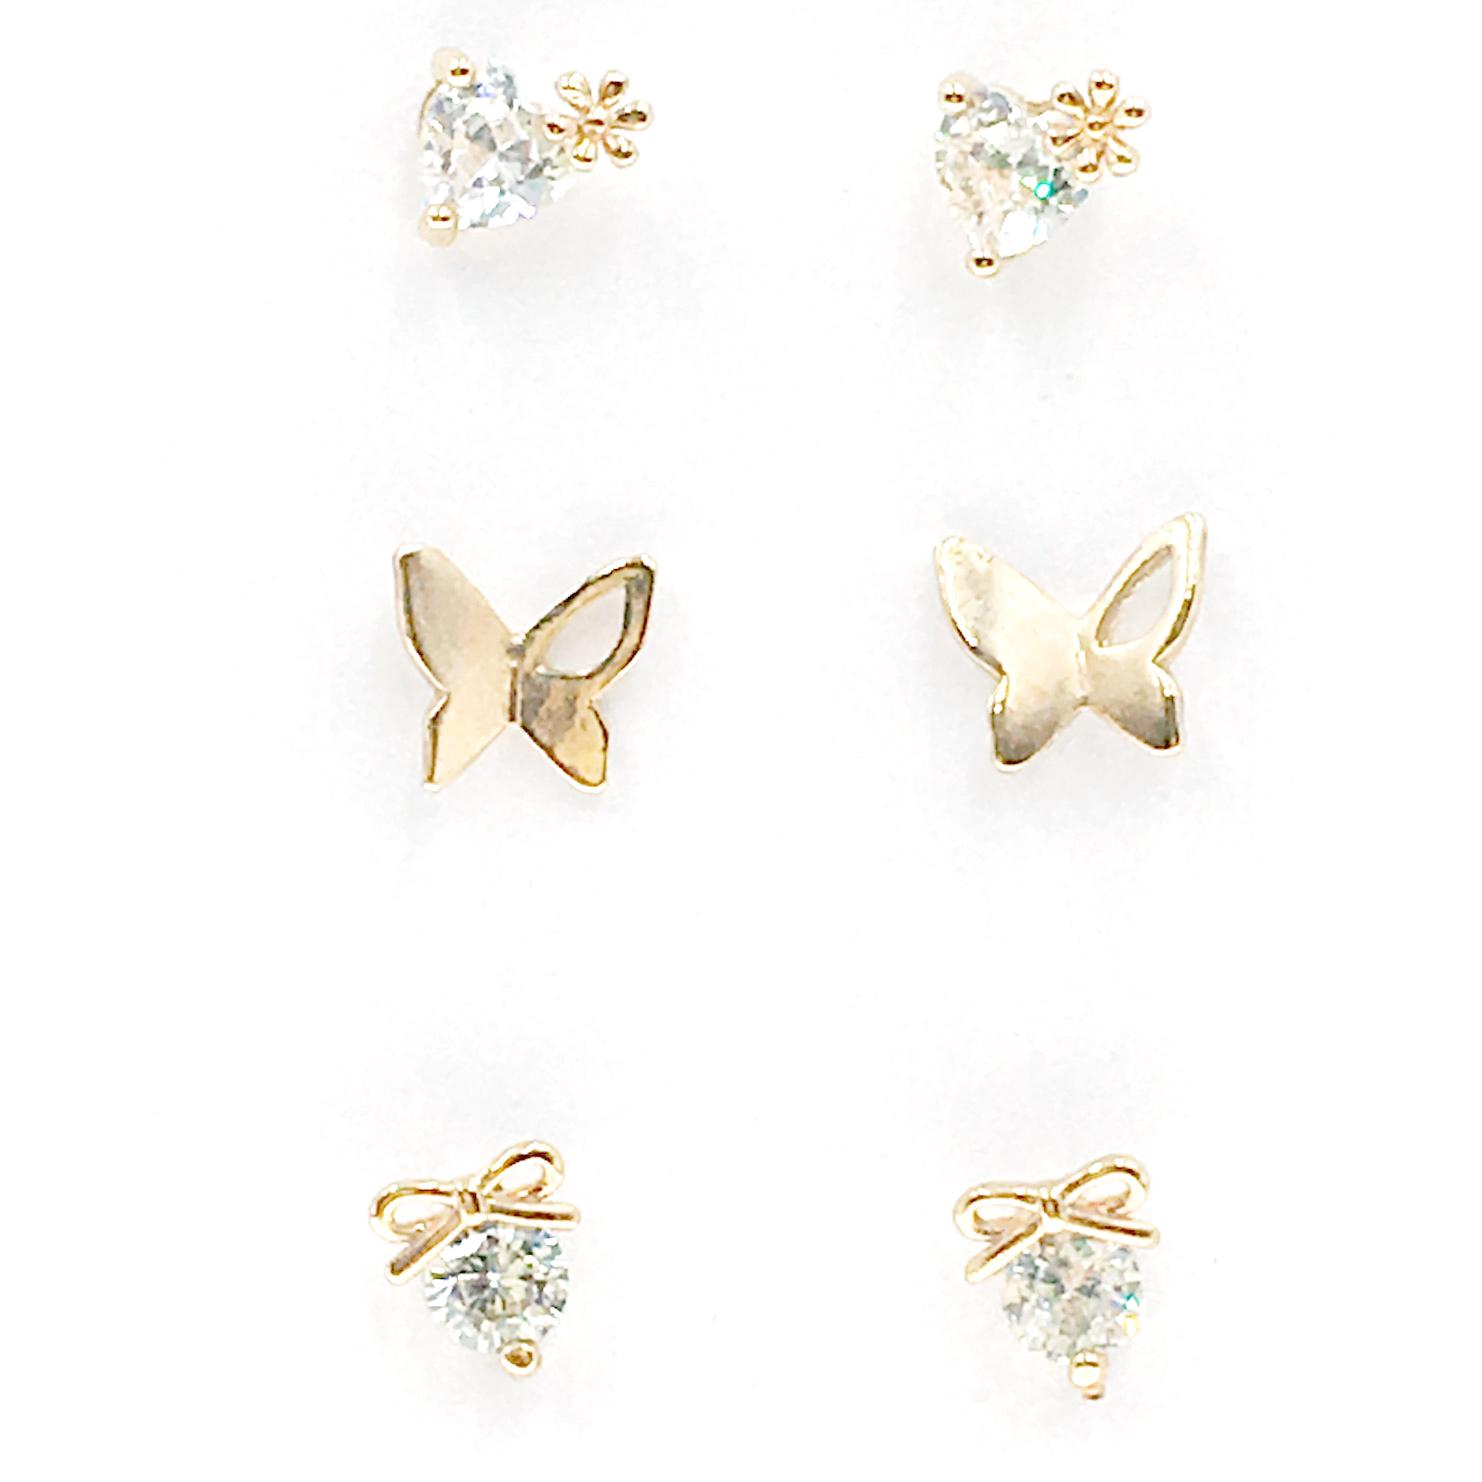 韓國 925純銀 水鑽 花 蝴蝶 蝴蝶結 玫瑰金 6入組 耳針式 耳環